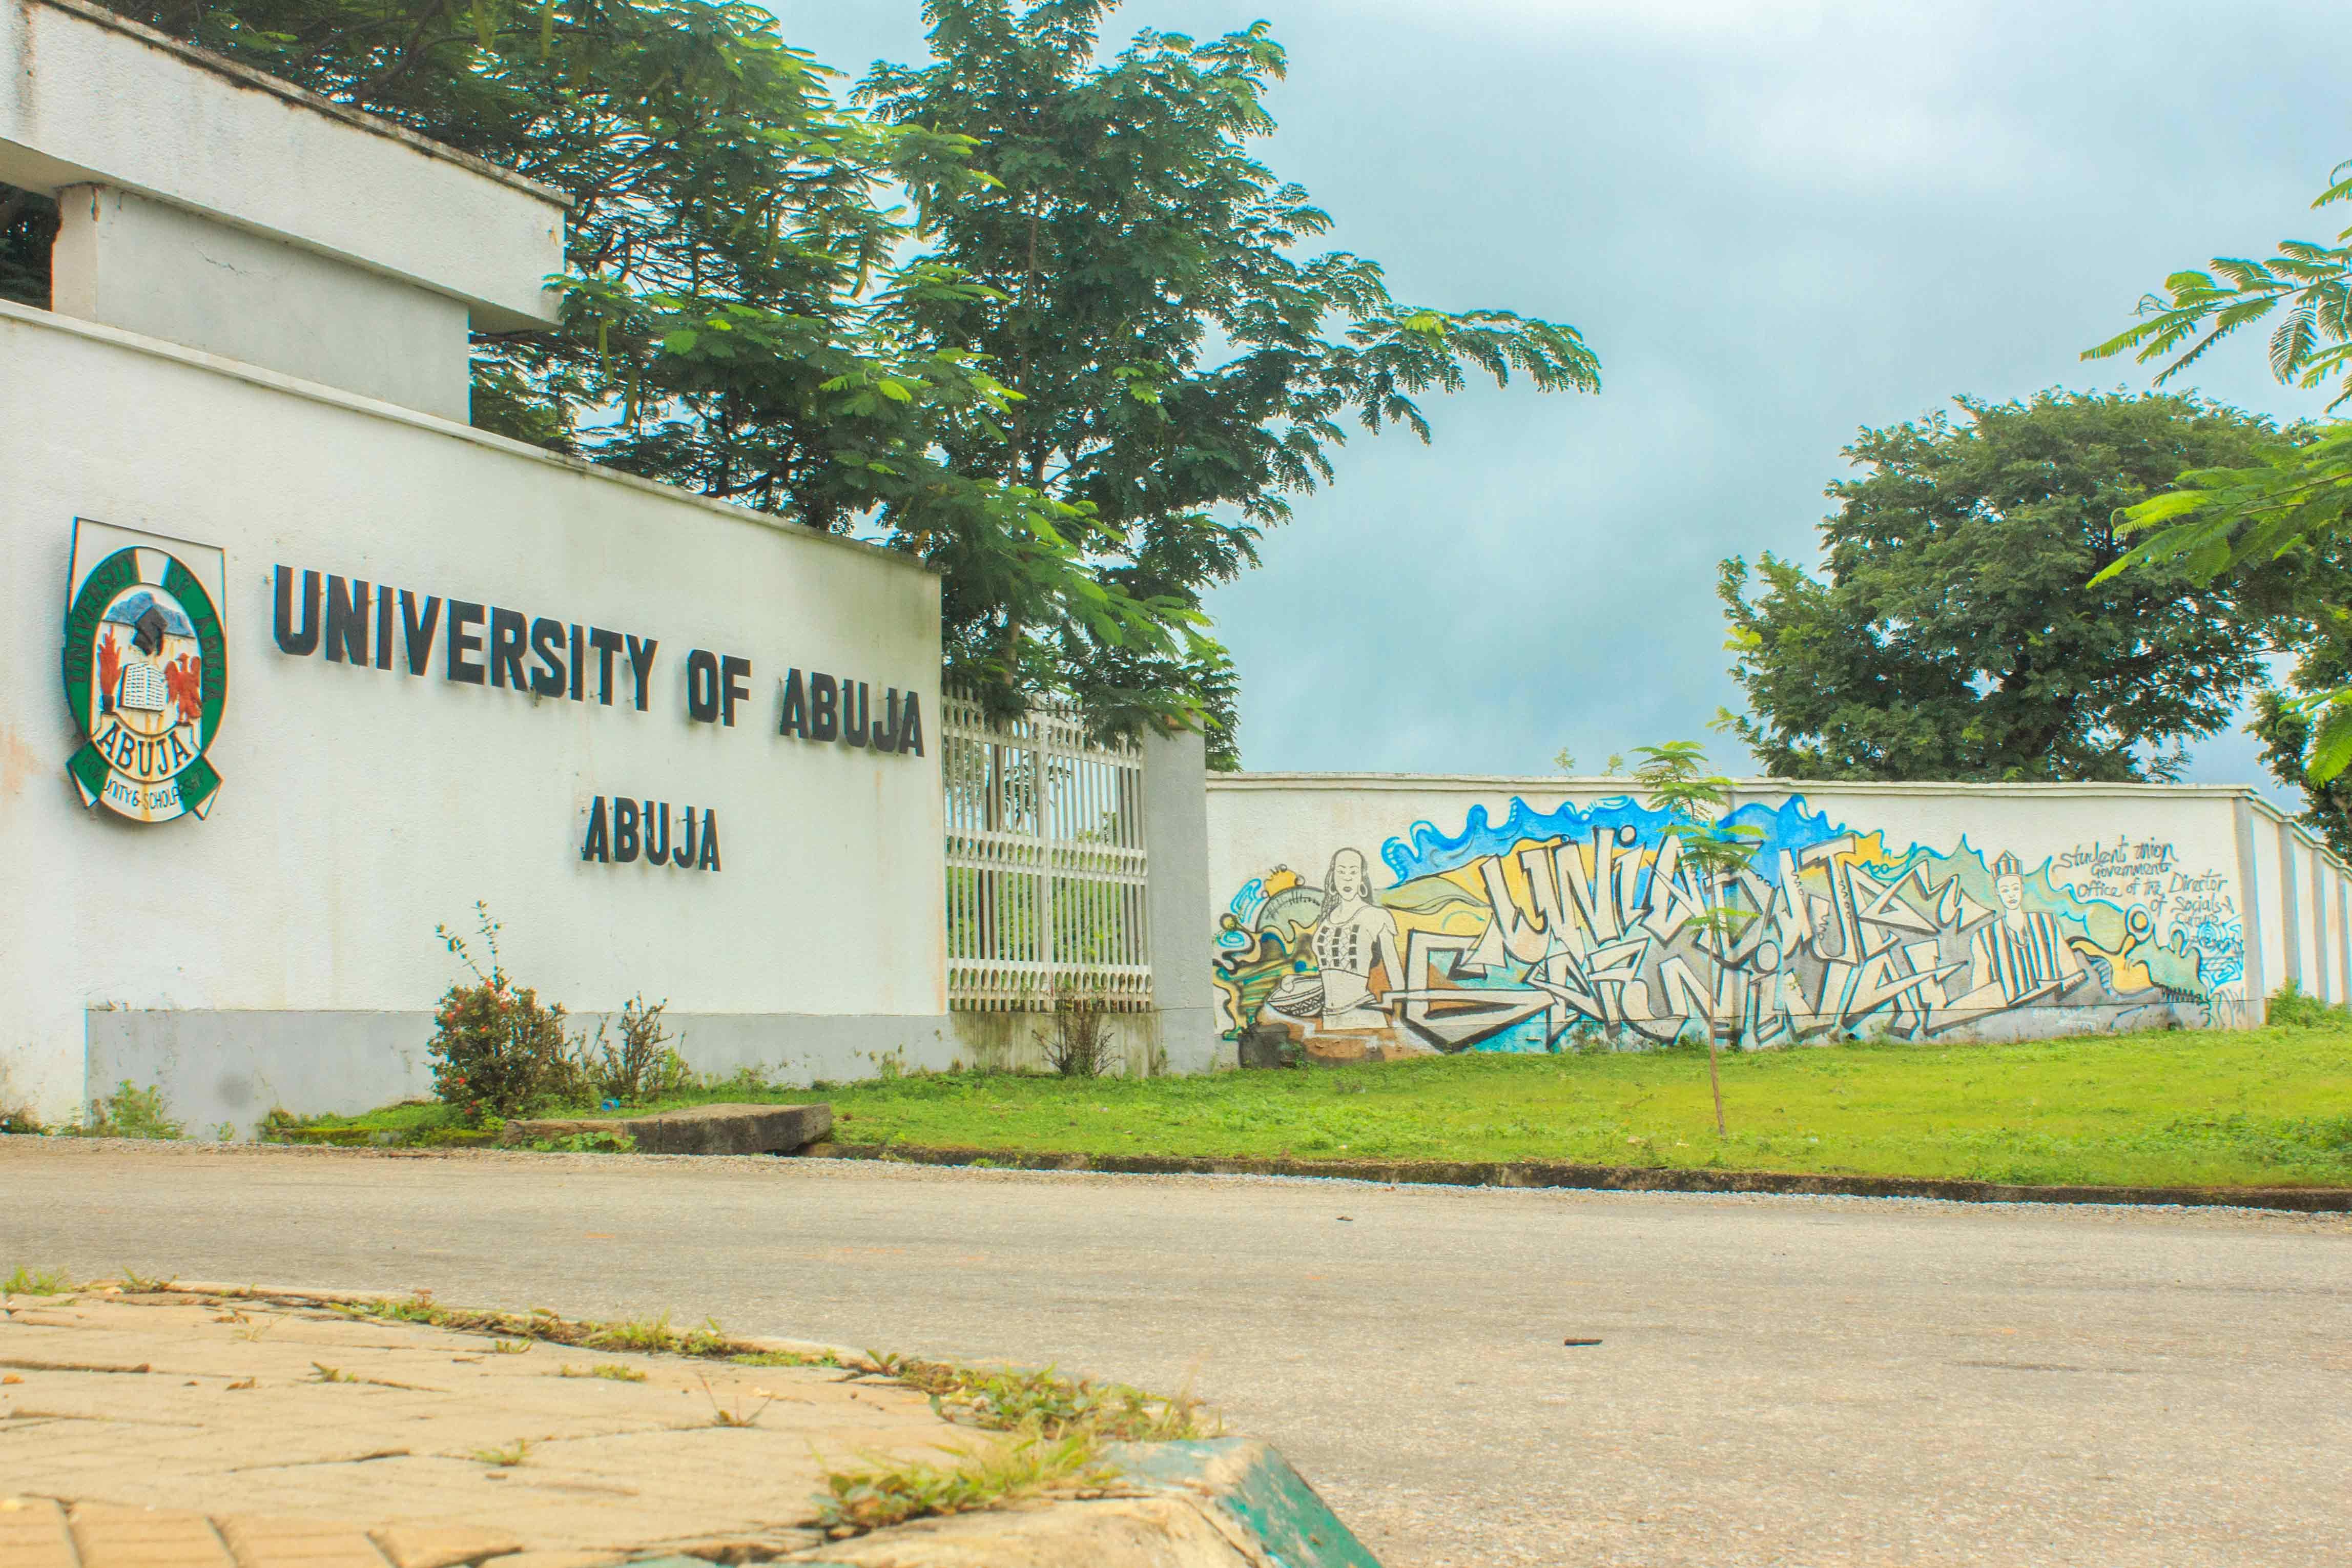 University of Abuja main gate